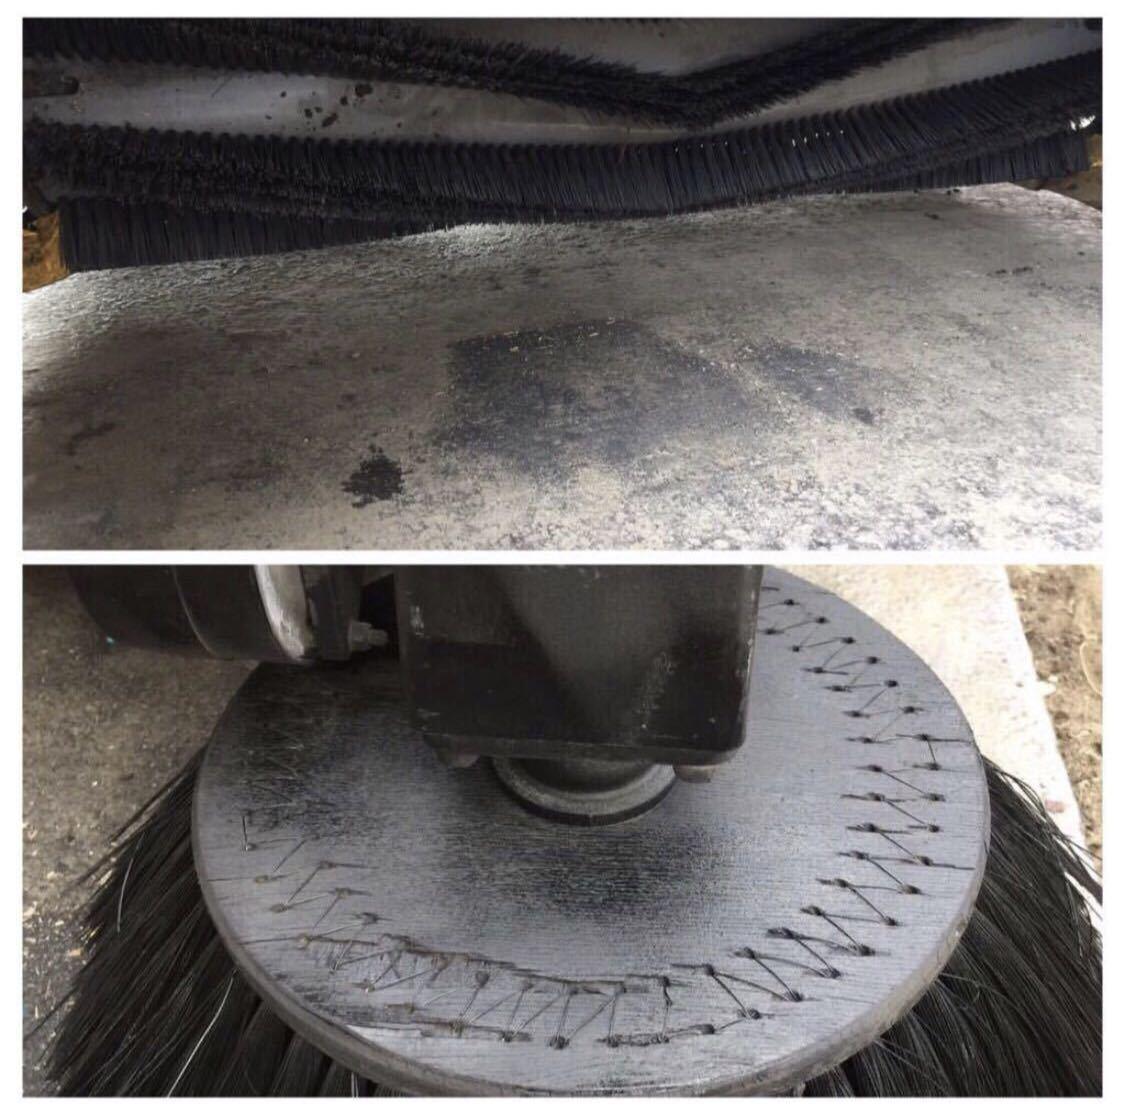 【中古】AMANO クリーンパワー JN-1200HV スイーパー 無動力/動力清掃機 アマノ 工場清掃 路面清掃機 床面清掃機_画像8